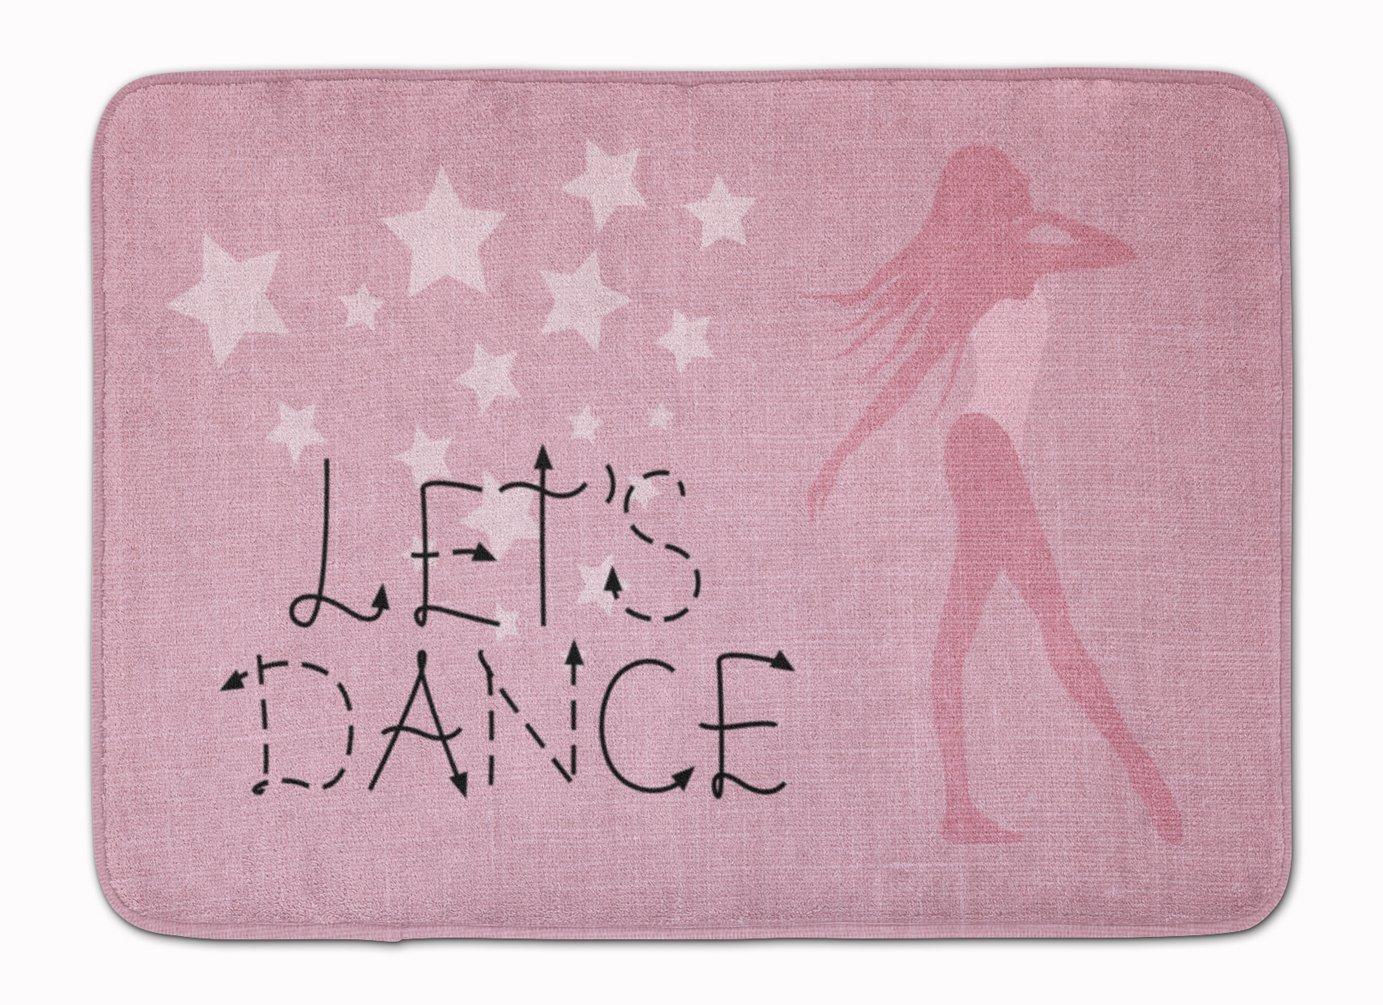 Caroline's Treasures Let's Dance Linen Pink Floor Mat, 19 H x 27 W'', Multicolor